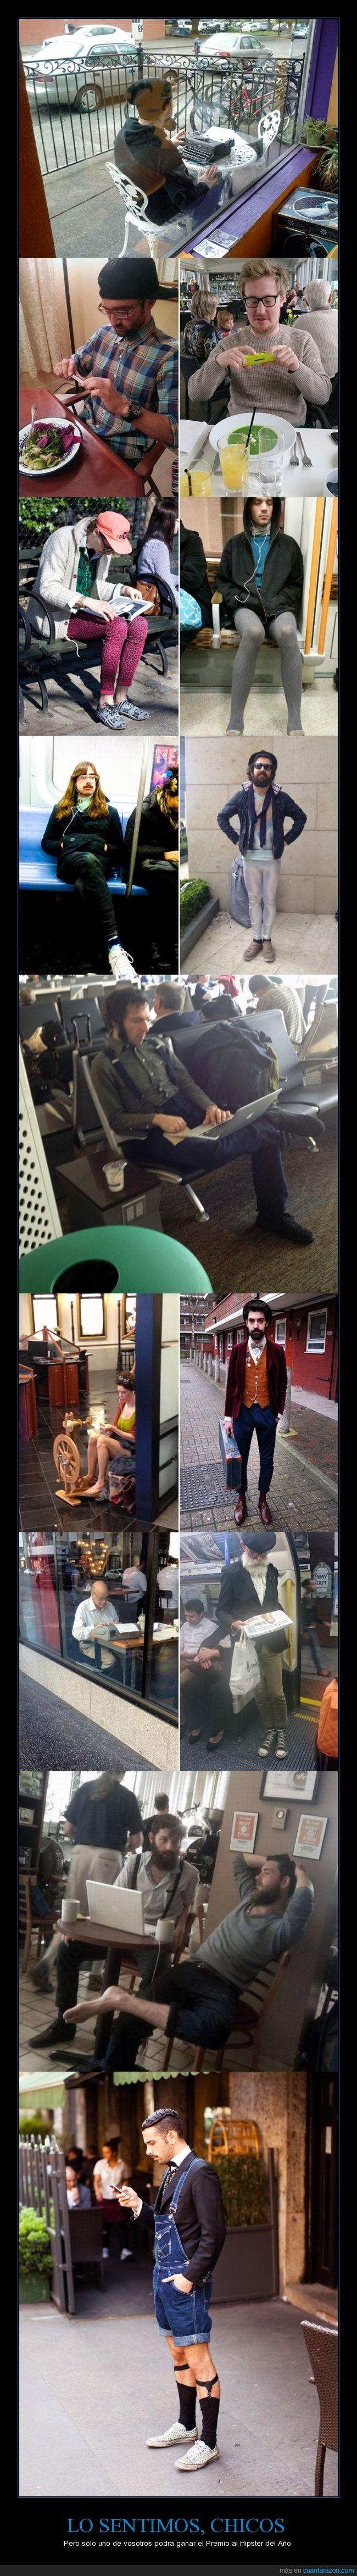 chico,escribir,hipster,maquina,modernos,ropa,se pasan,vaya pintas